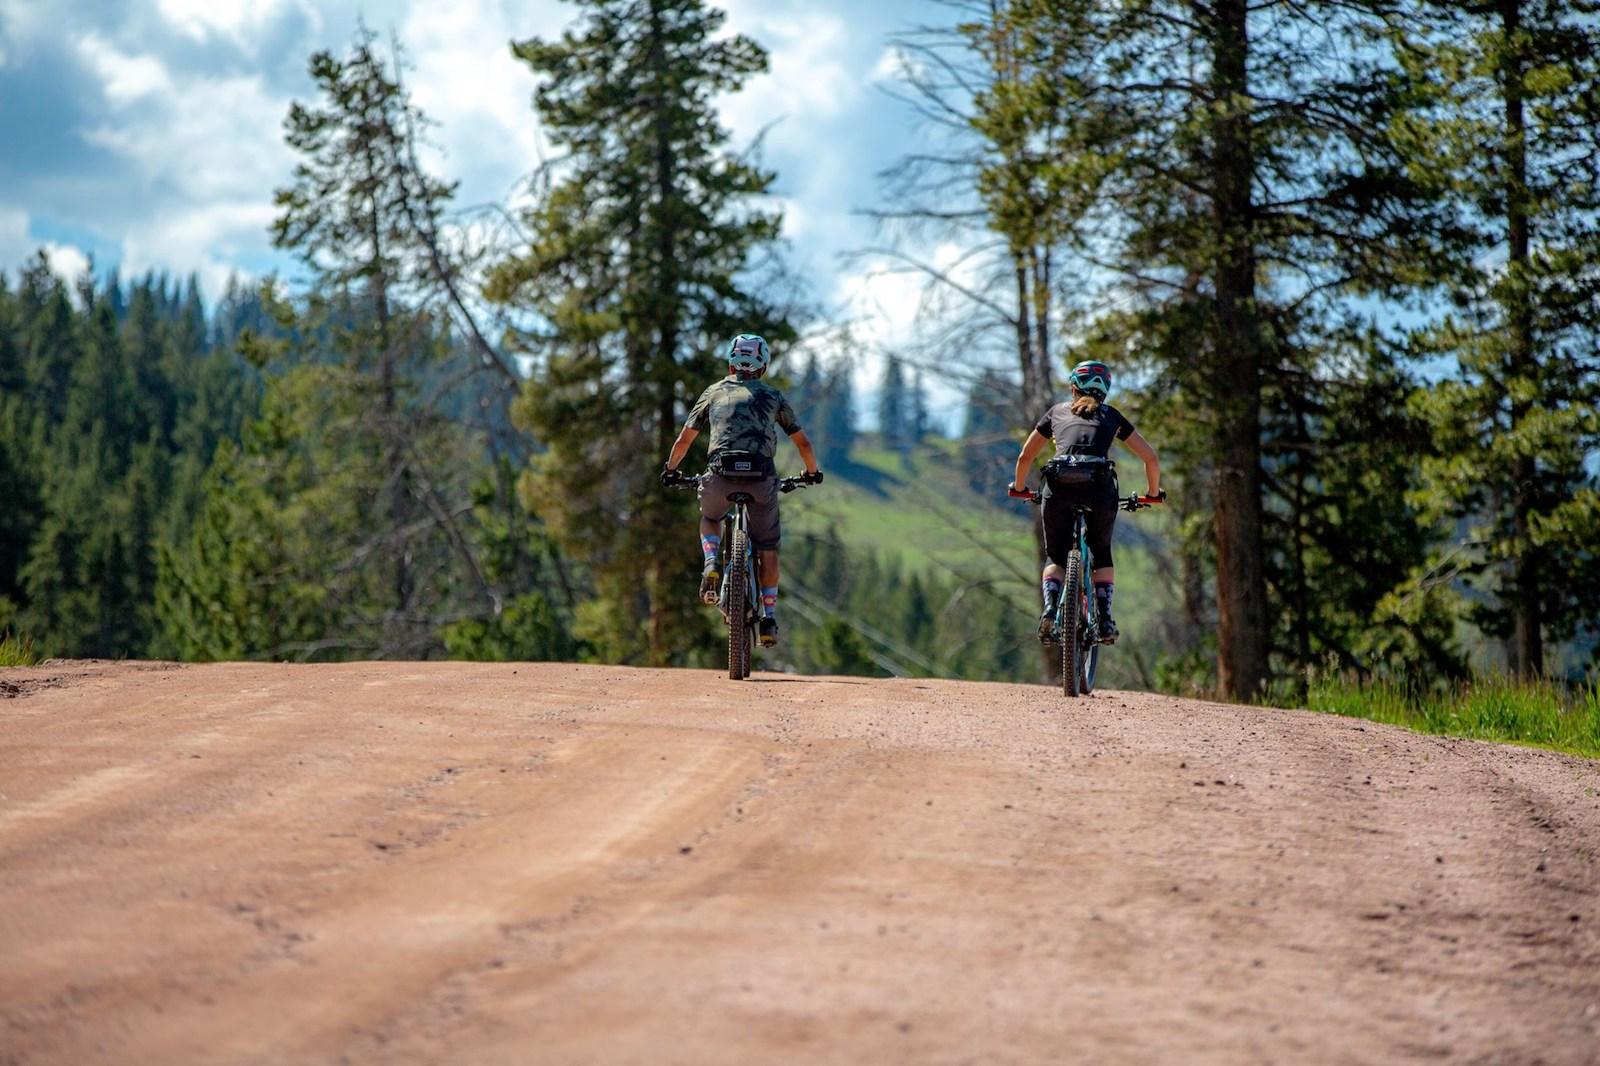 Image of people mountain biking at Vail Ski Resort in Colorado